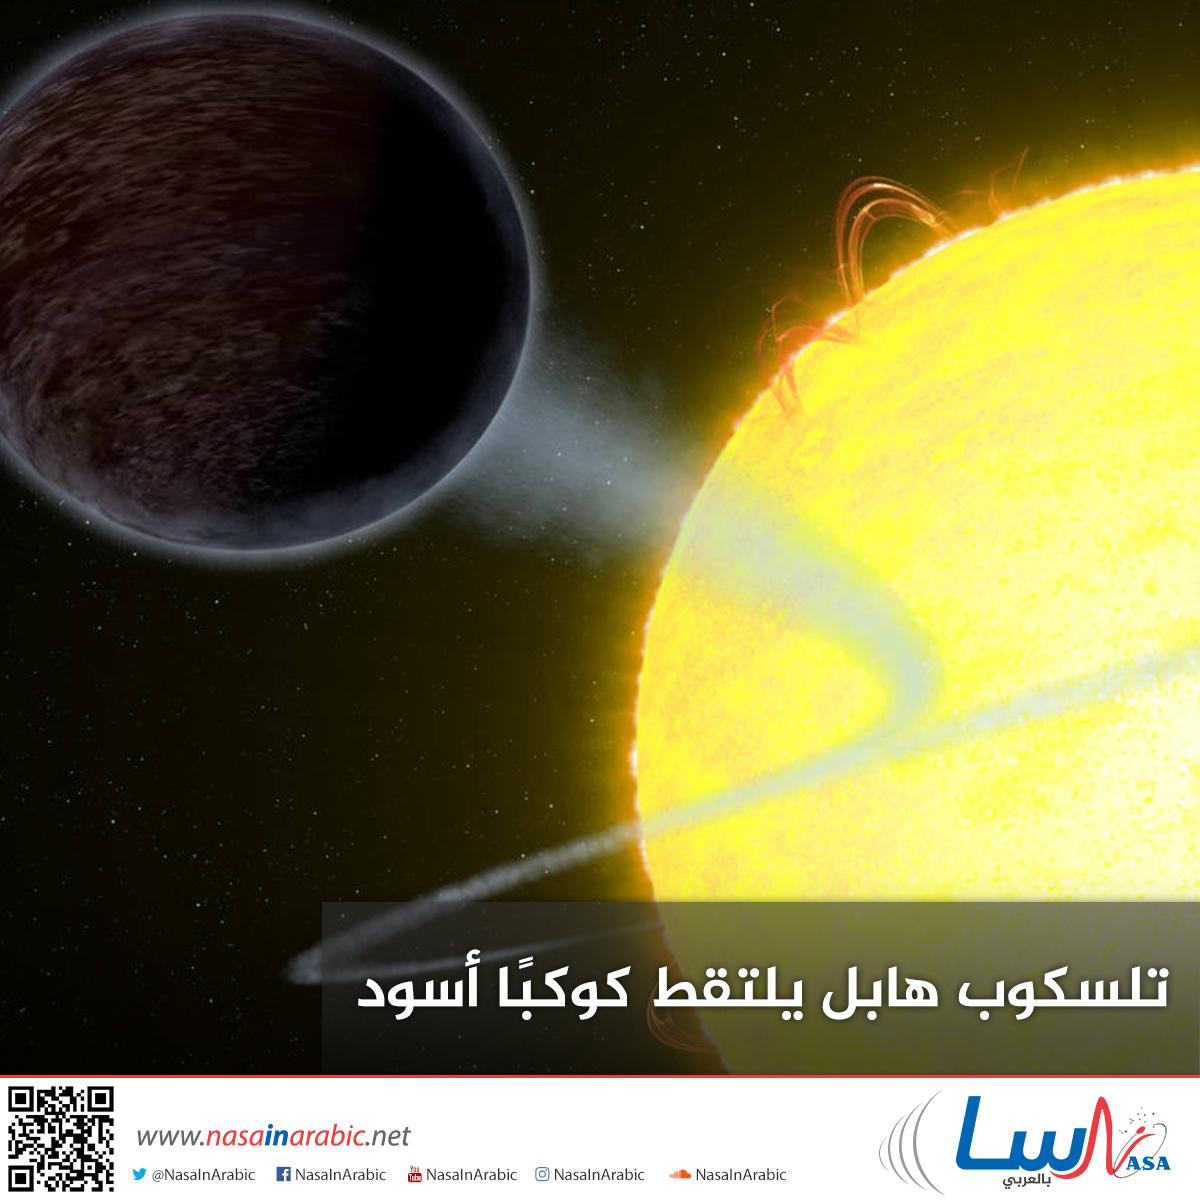 تلسكوب هابل يلتقط كوكبًا أسود